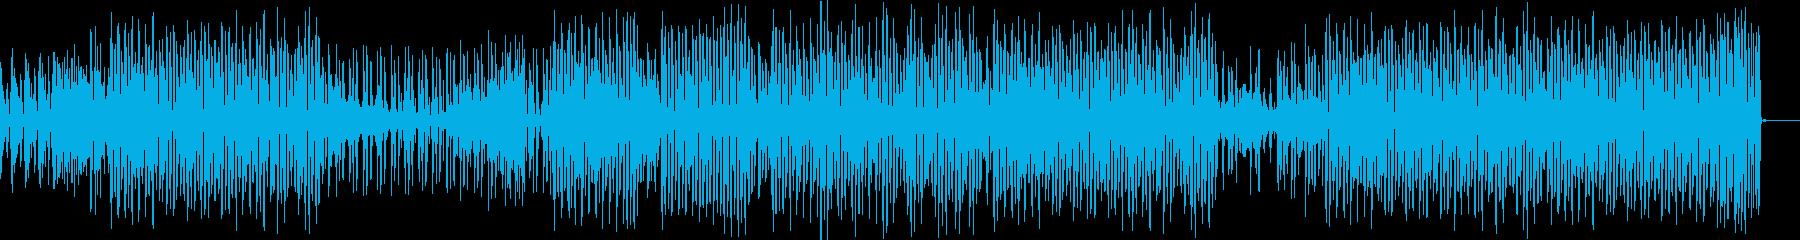 レトロでコミカルなダンストラックの再生済みの波形